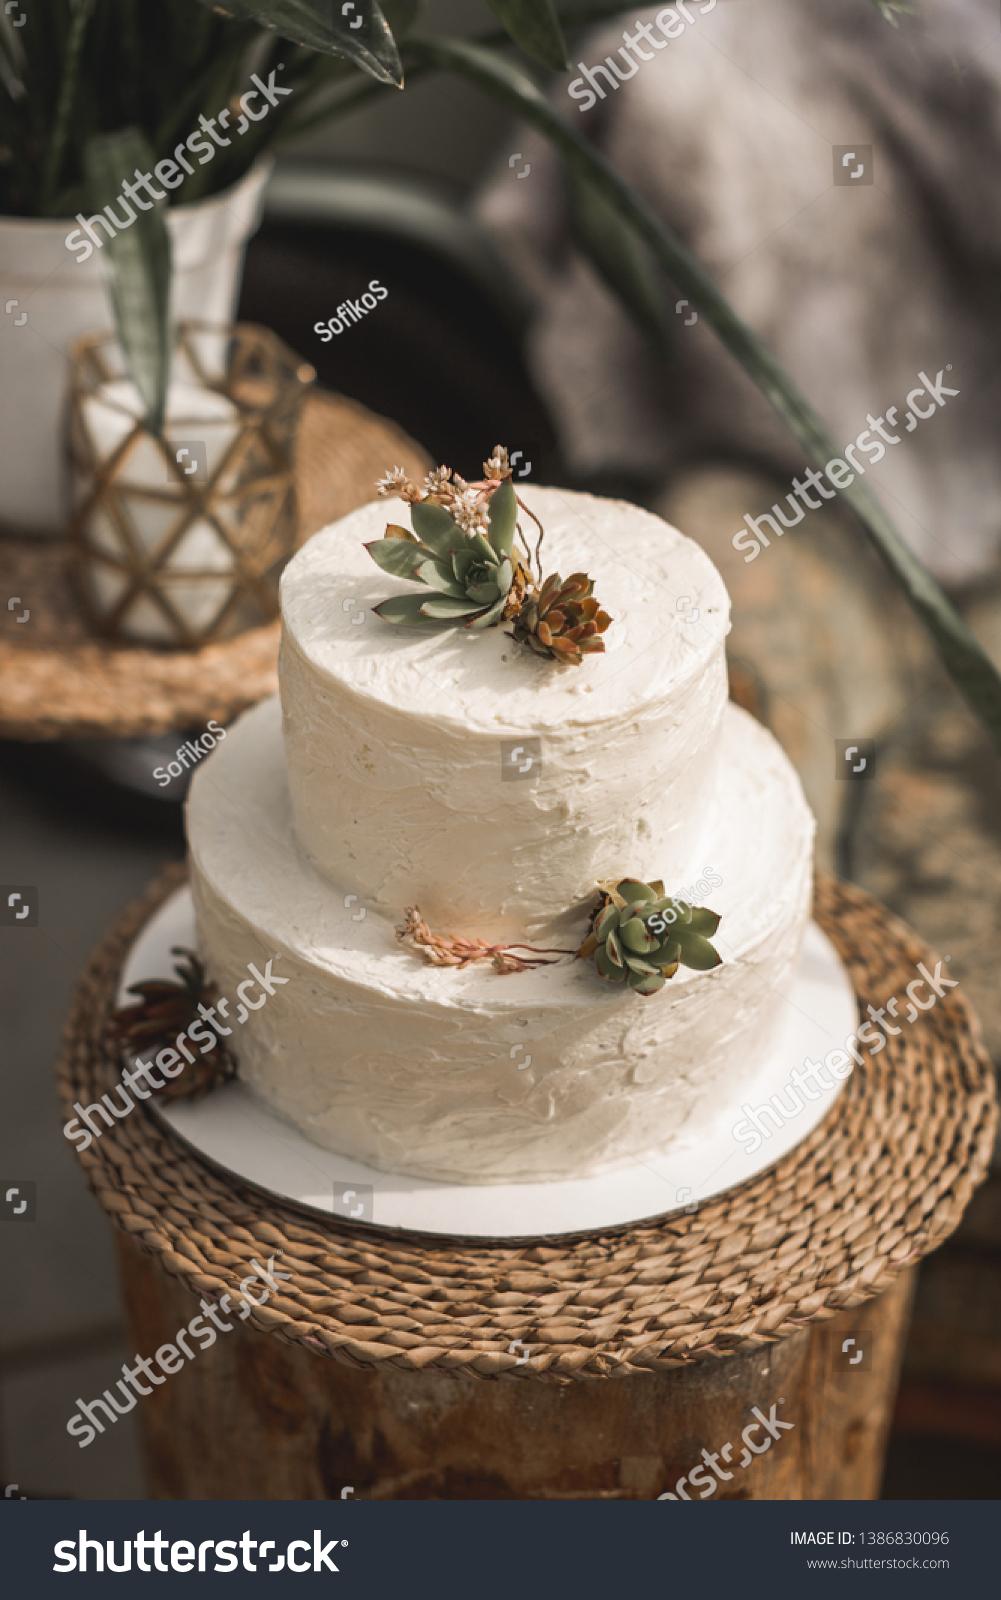 Elegant White Two Tier Wedding Cake Stock Photo Edit Now 1386830096